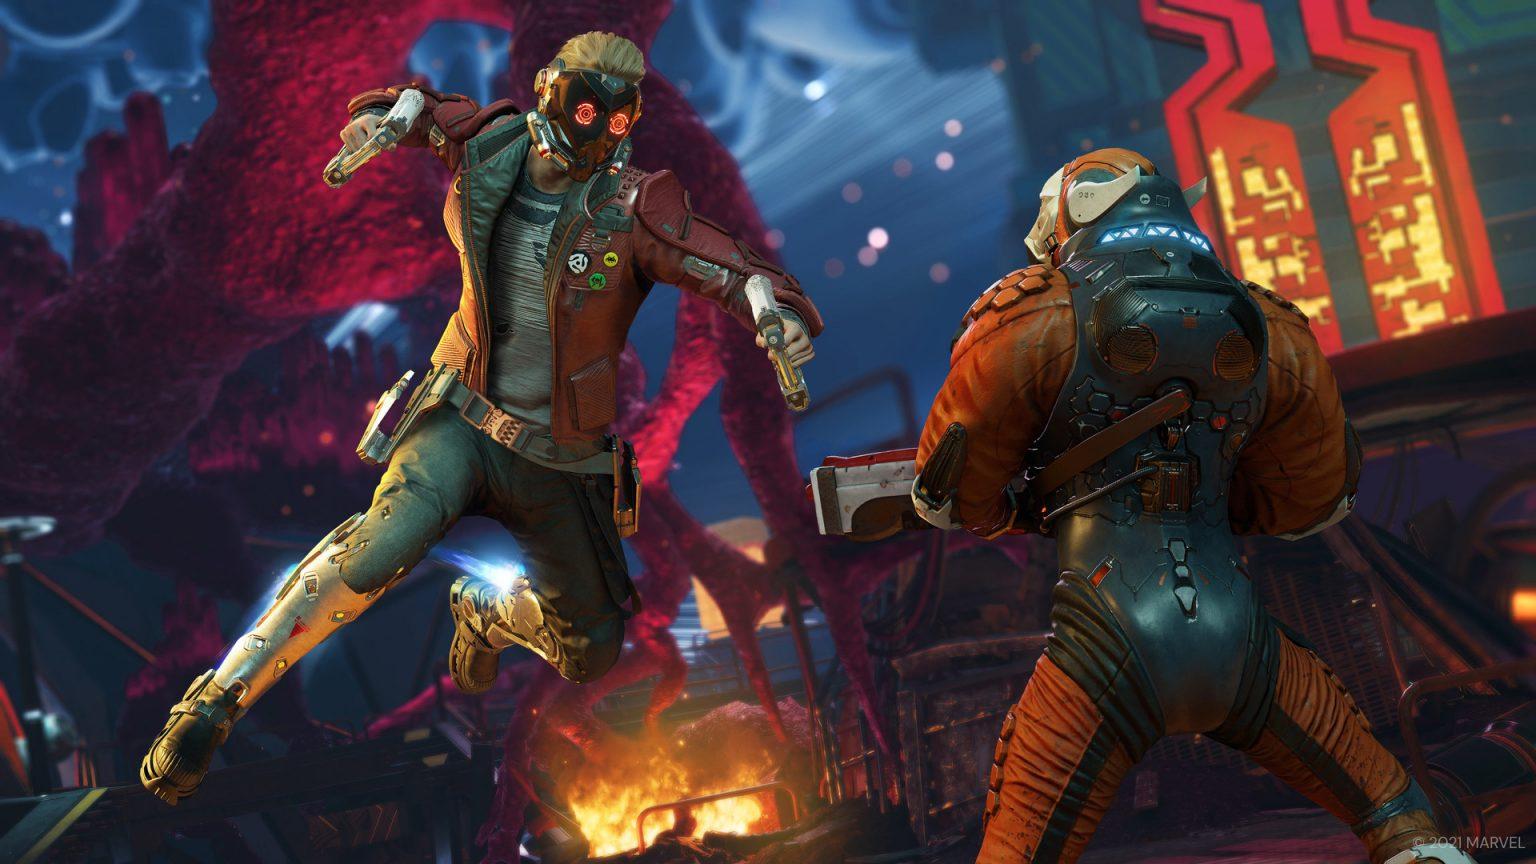 عناوین Marvel's Guardians of the Galaxy و Dying Light 2 از قابلیت رهگیری پرتو و Nvidia DLSS پشتیبانی خواهند کرد